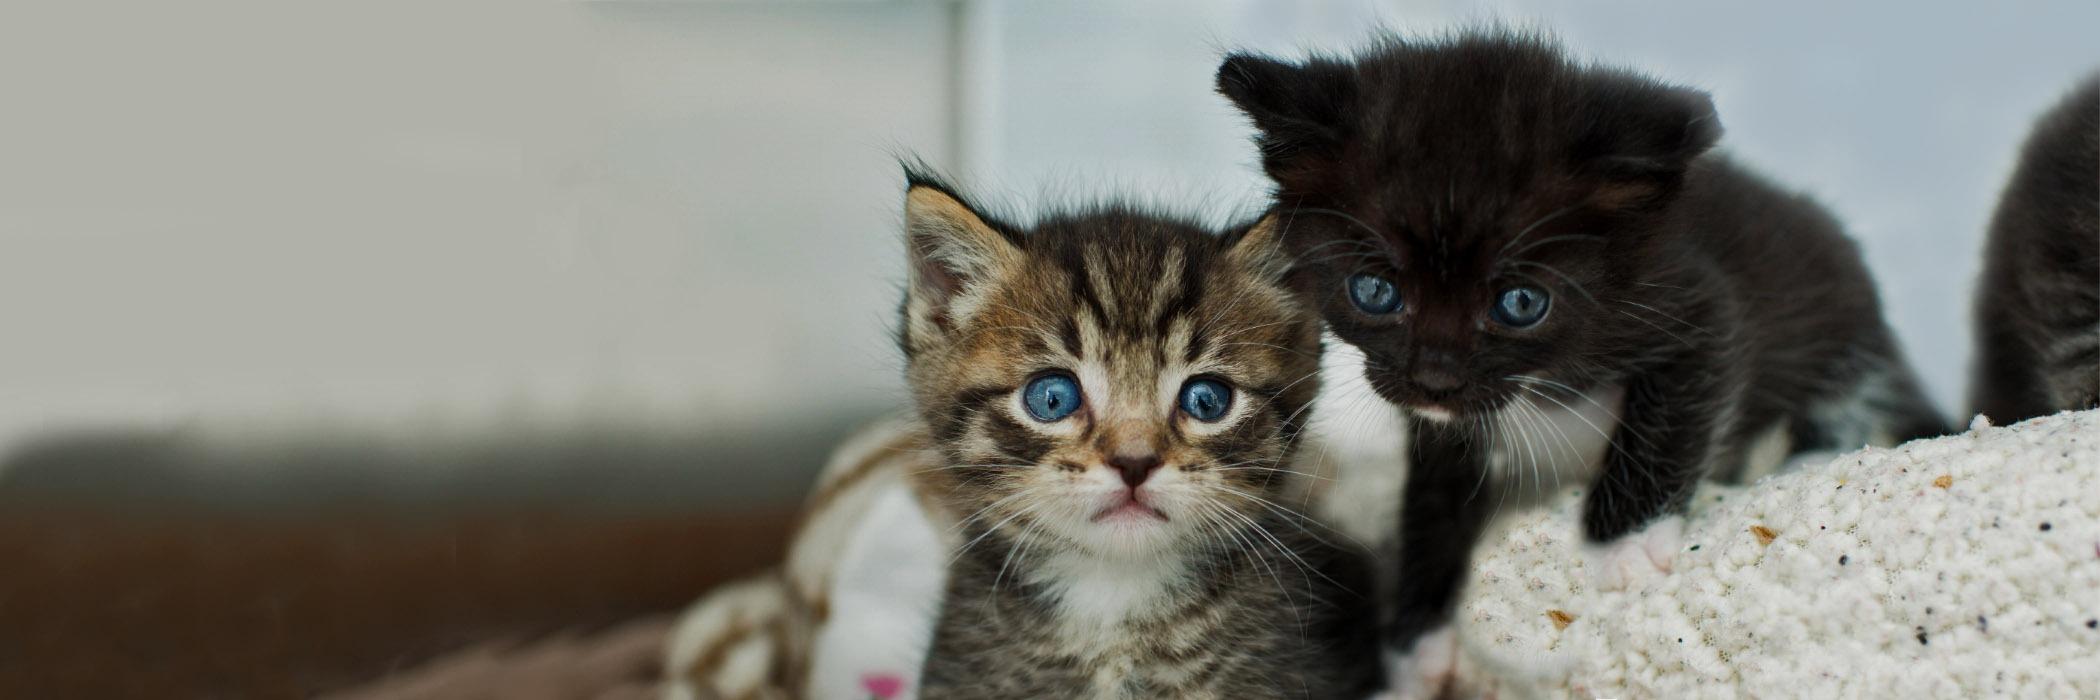 The Kitten Nursery